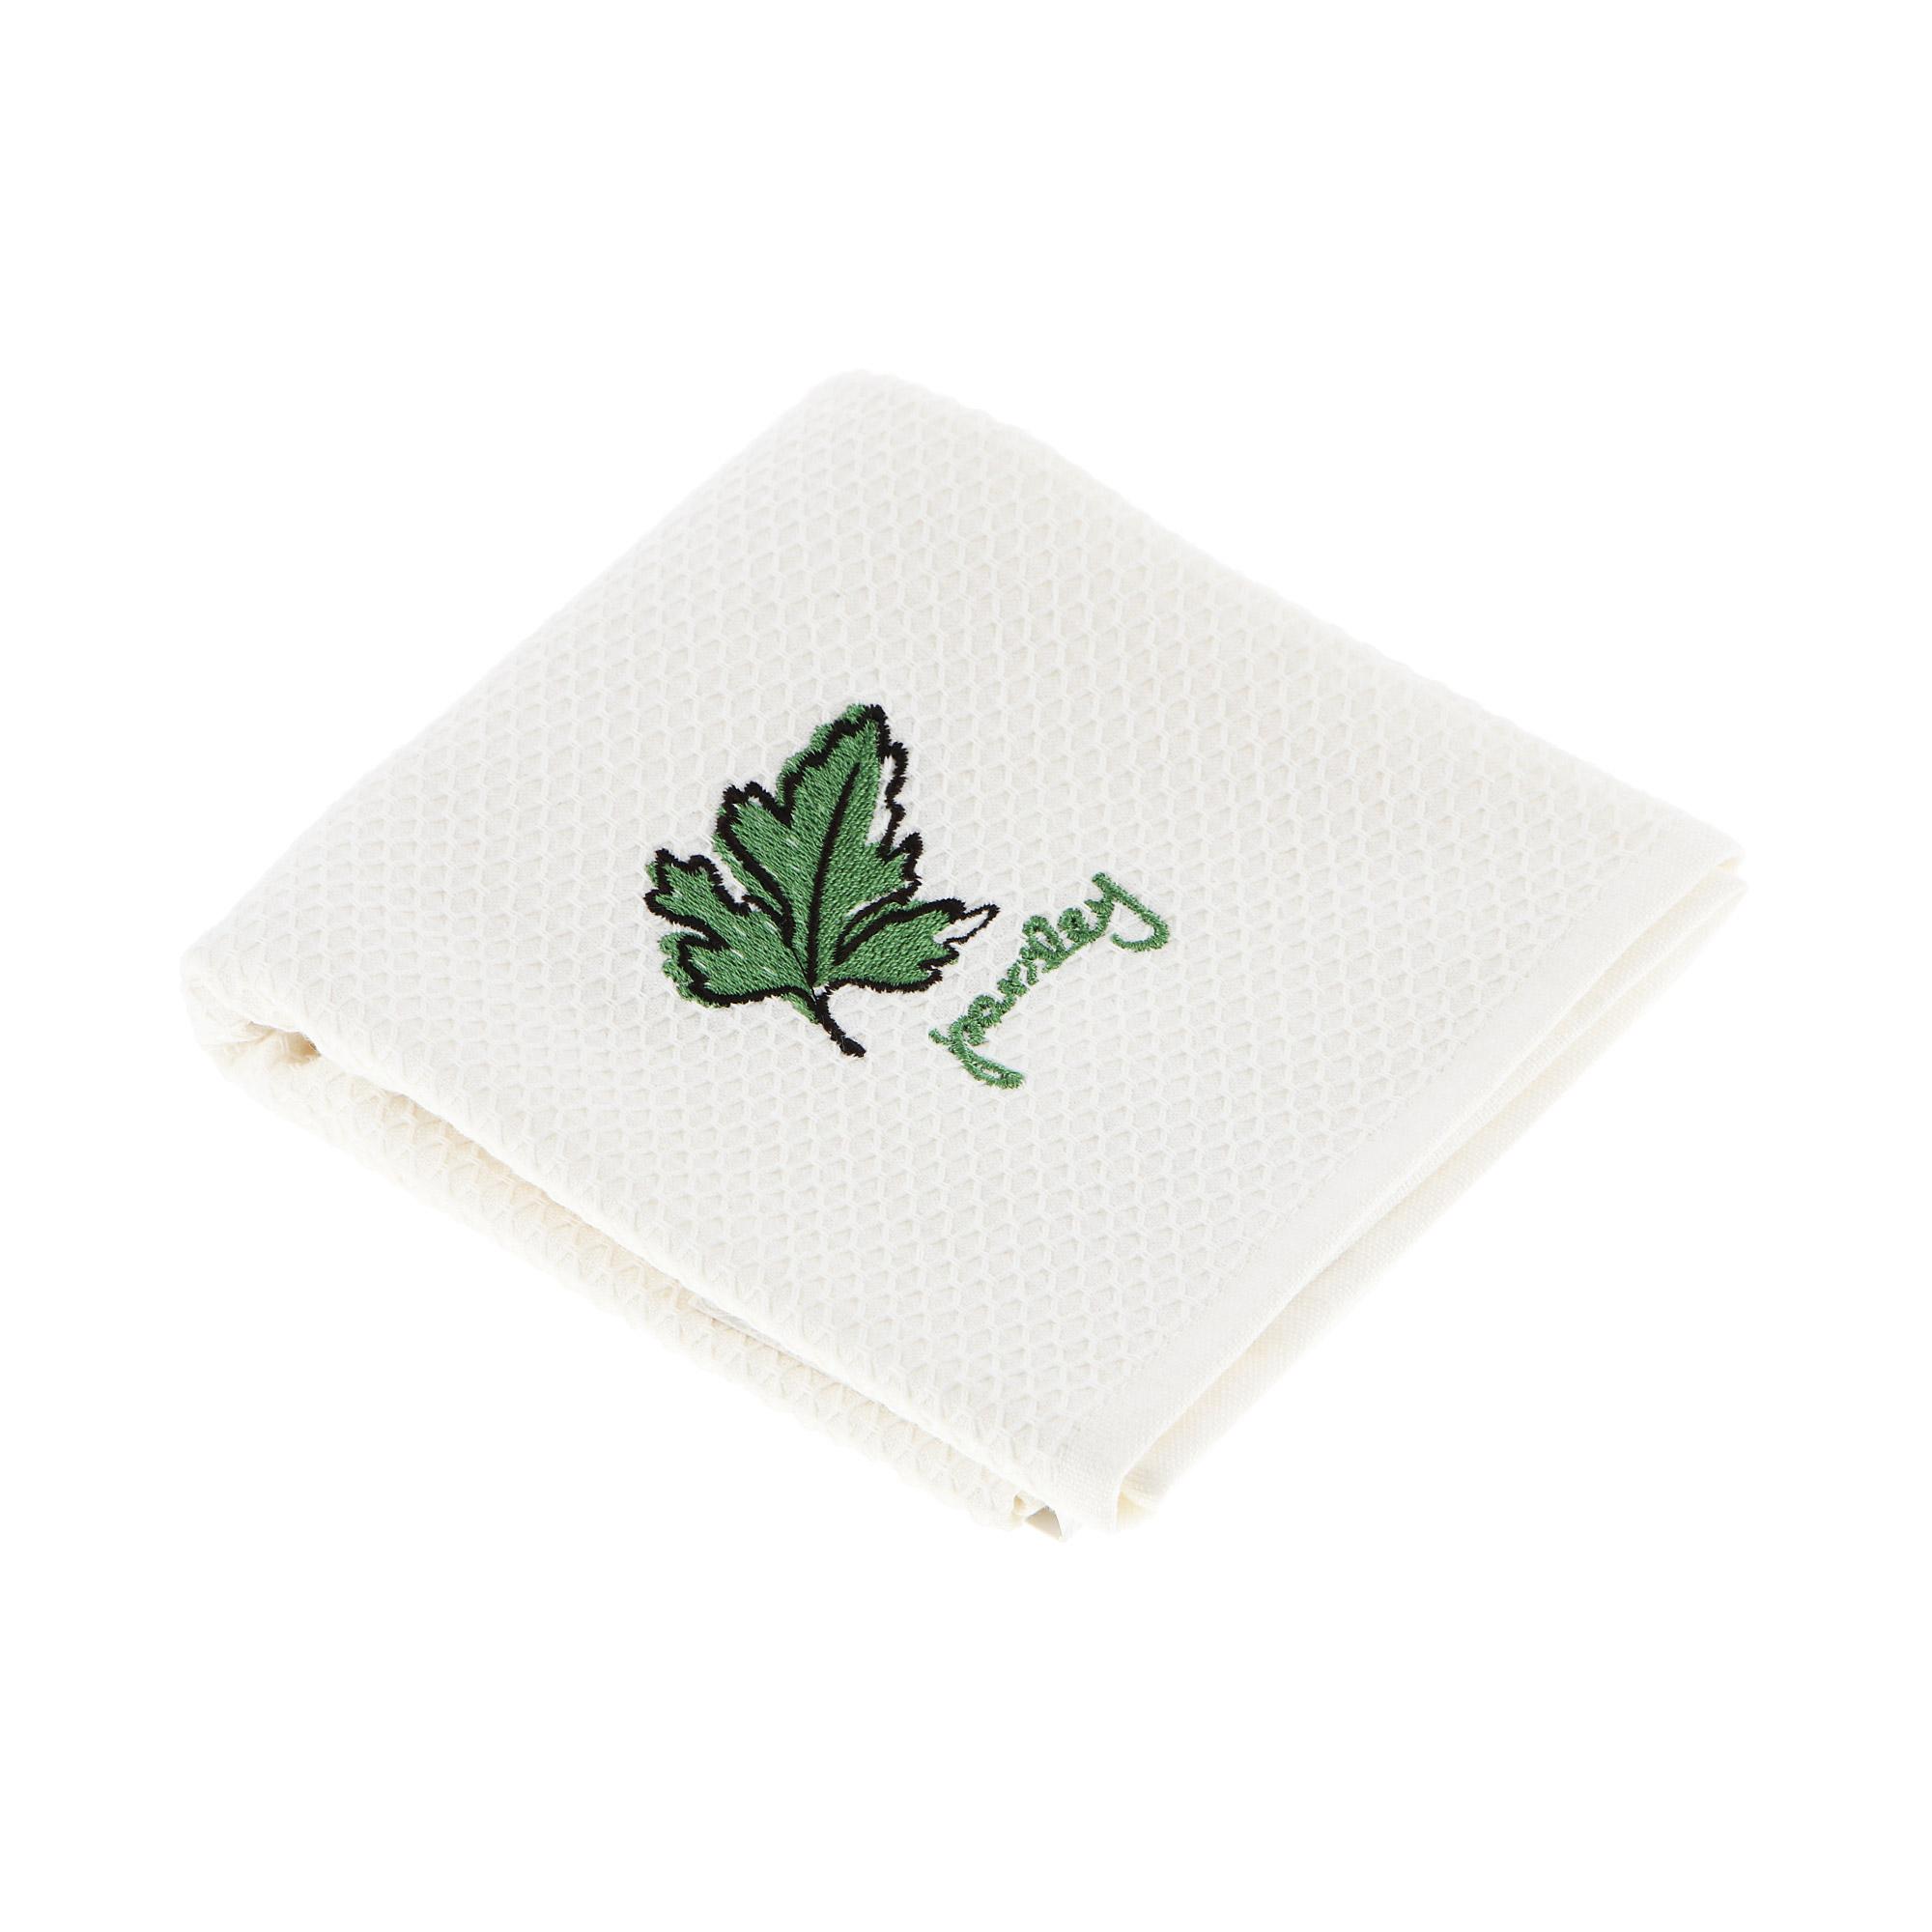 Полотенце кухонное 45x70 Asil wavy parsley.